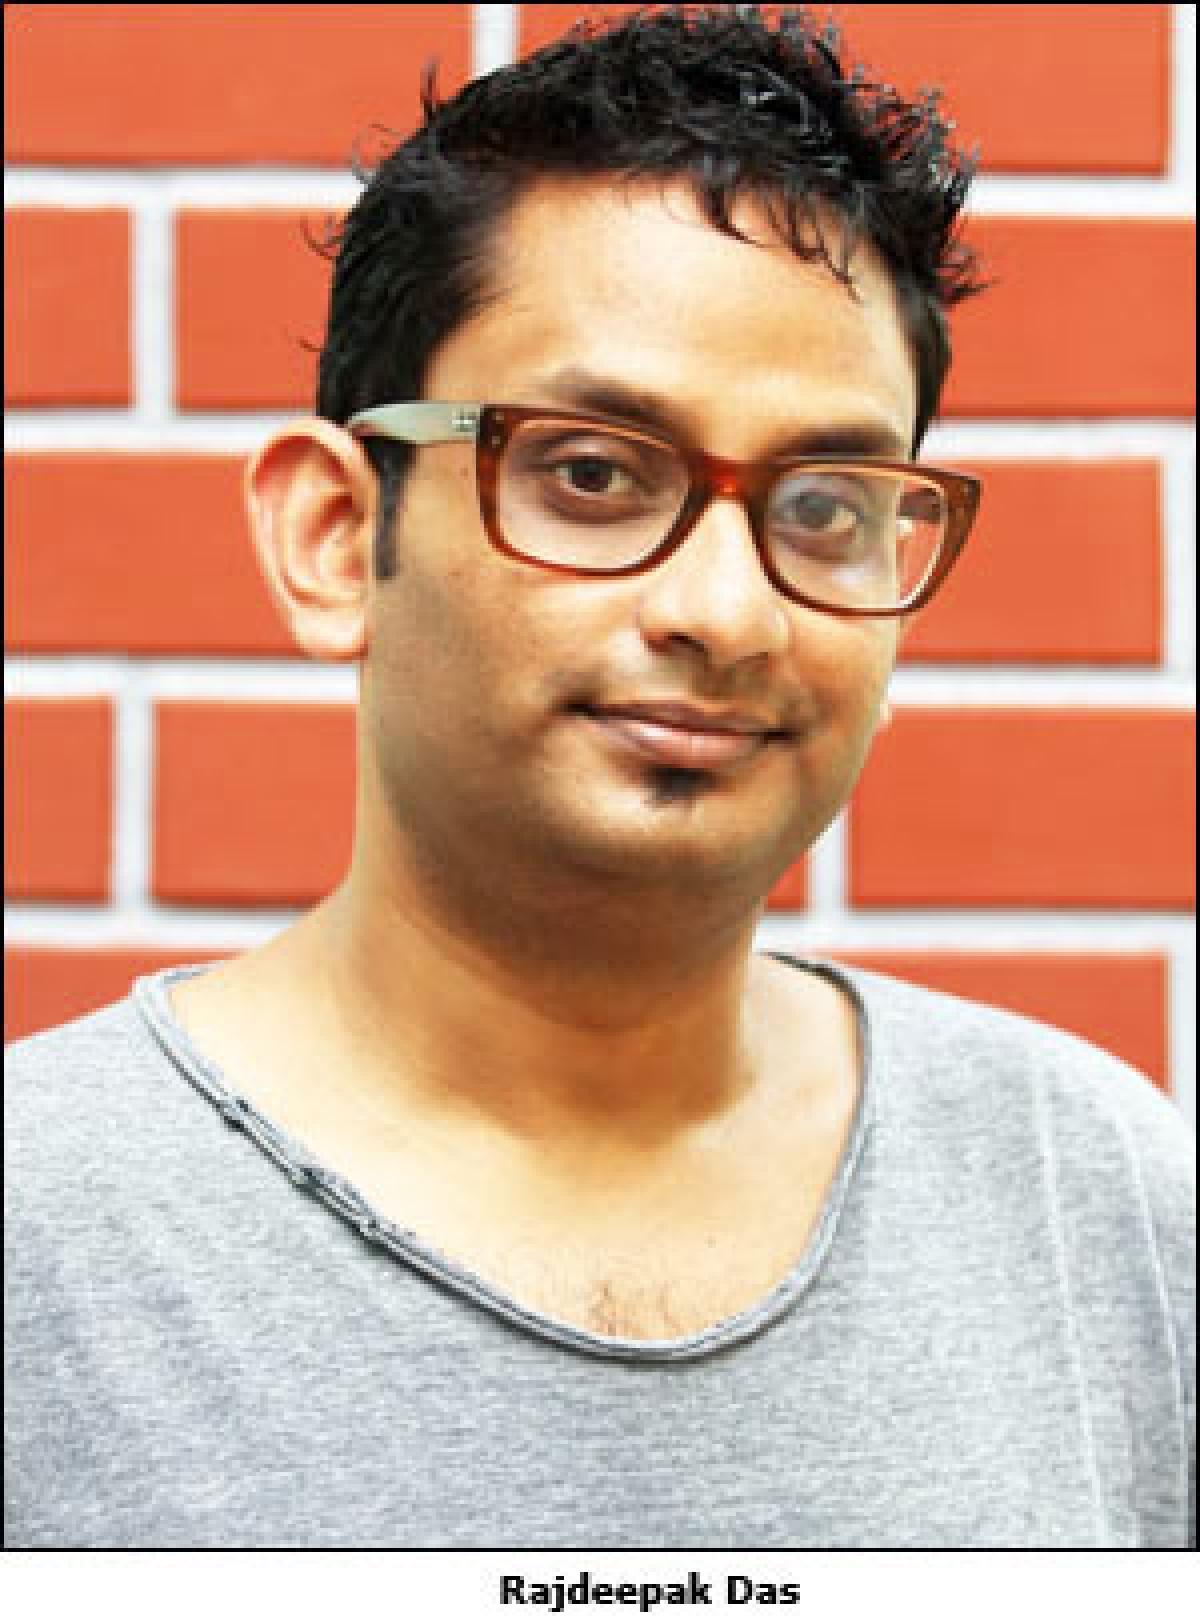 Profile: Rajdeepak Das: Mad Ad Man